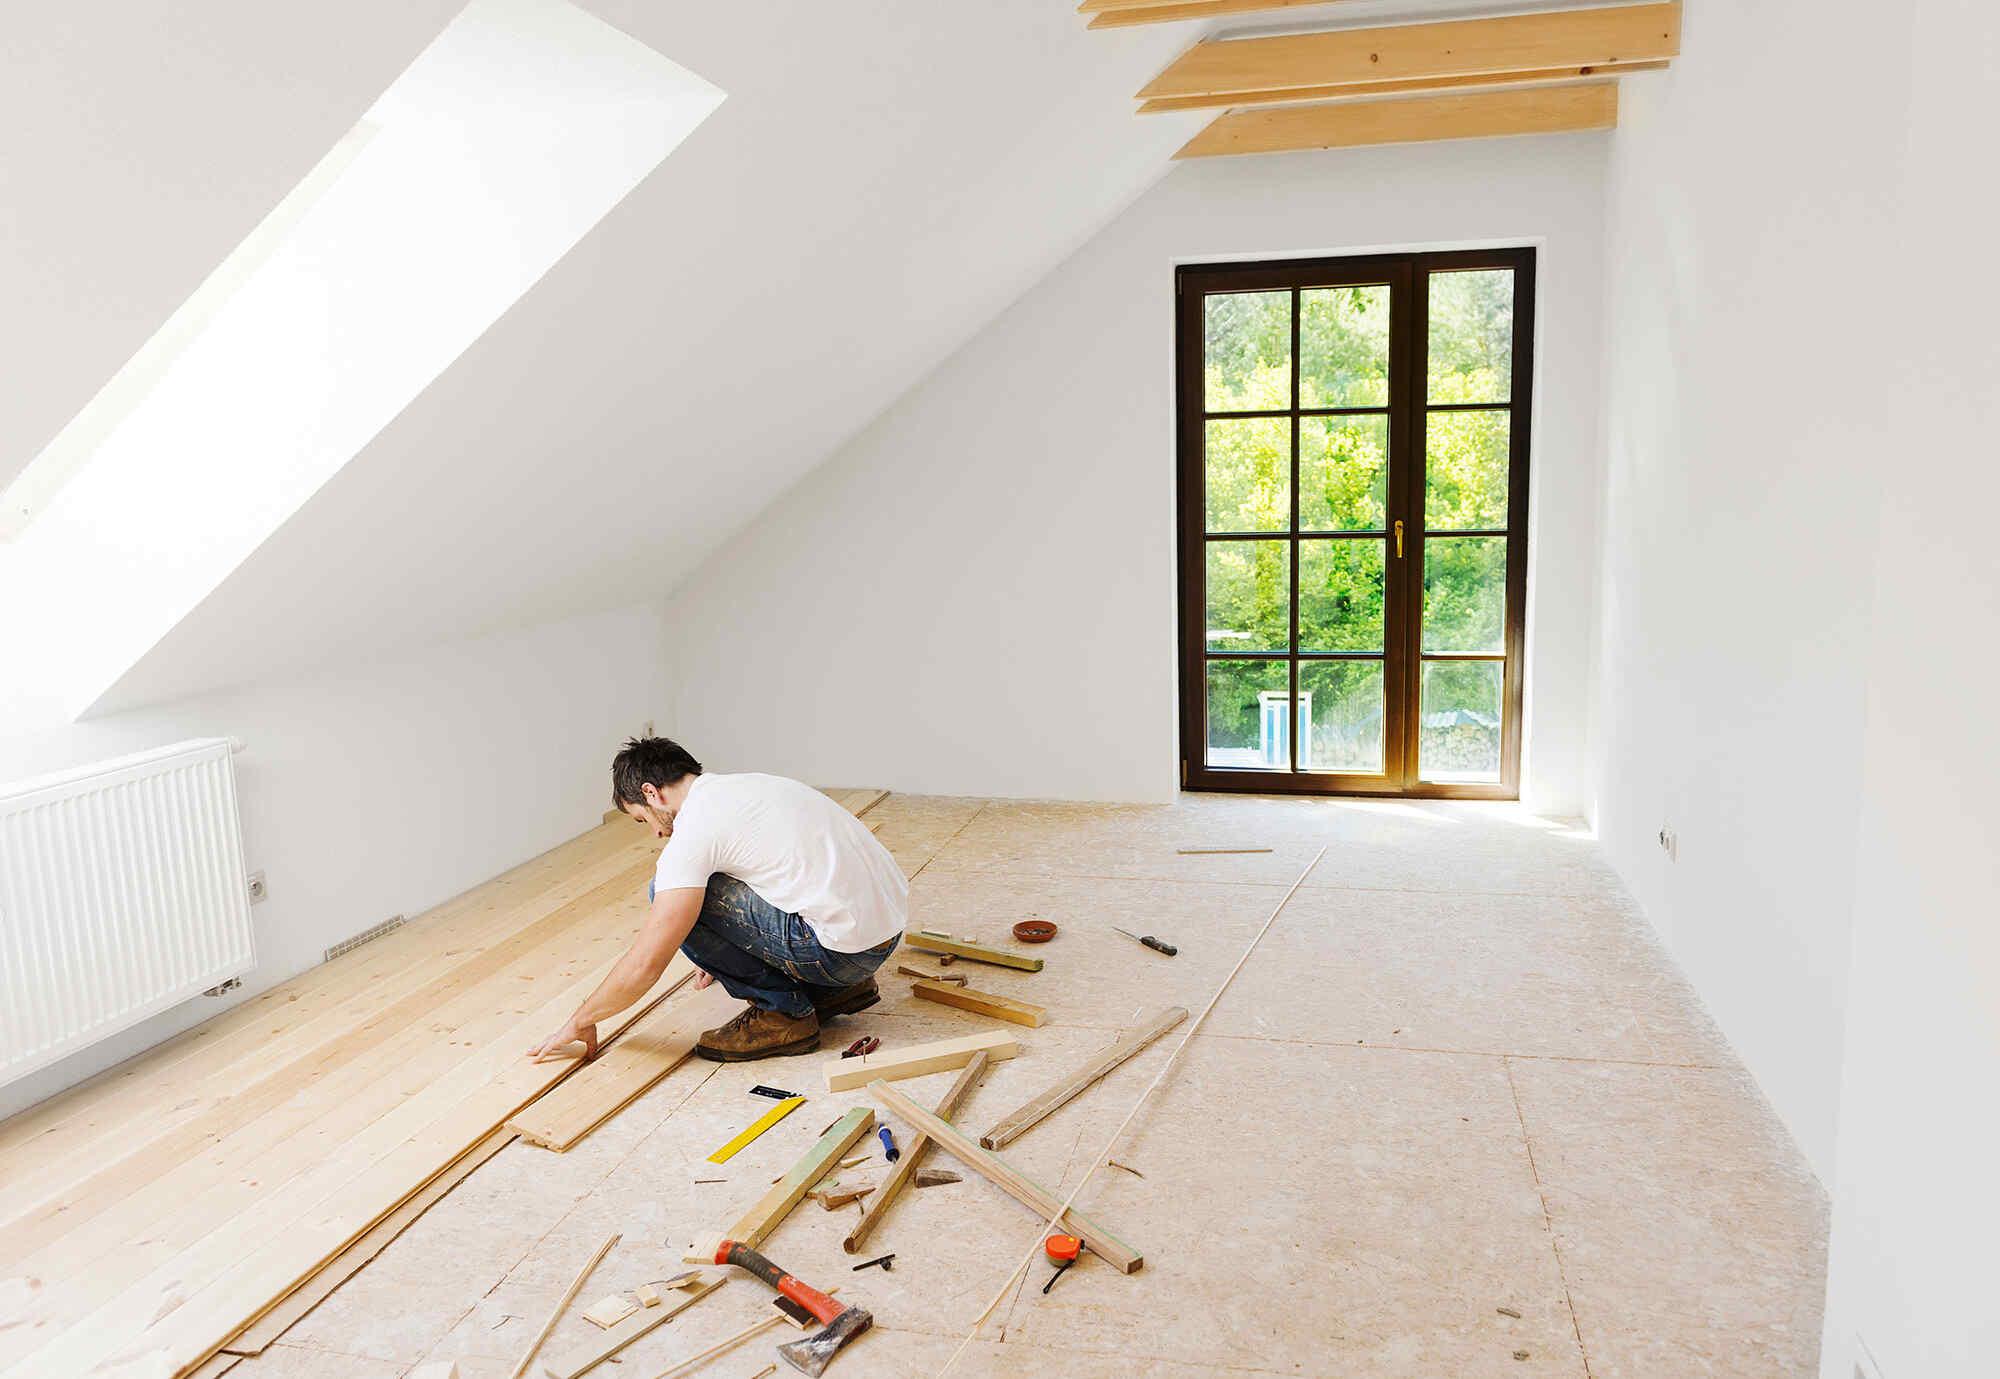 Haus bauen Schritte | Schritte Hausbau | VARIO-HAUS Fertigteilhäuser